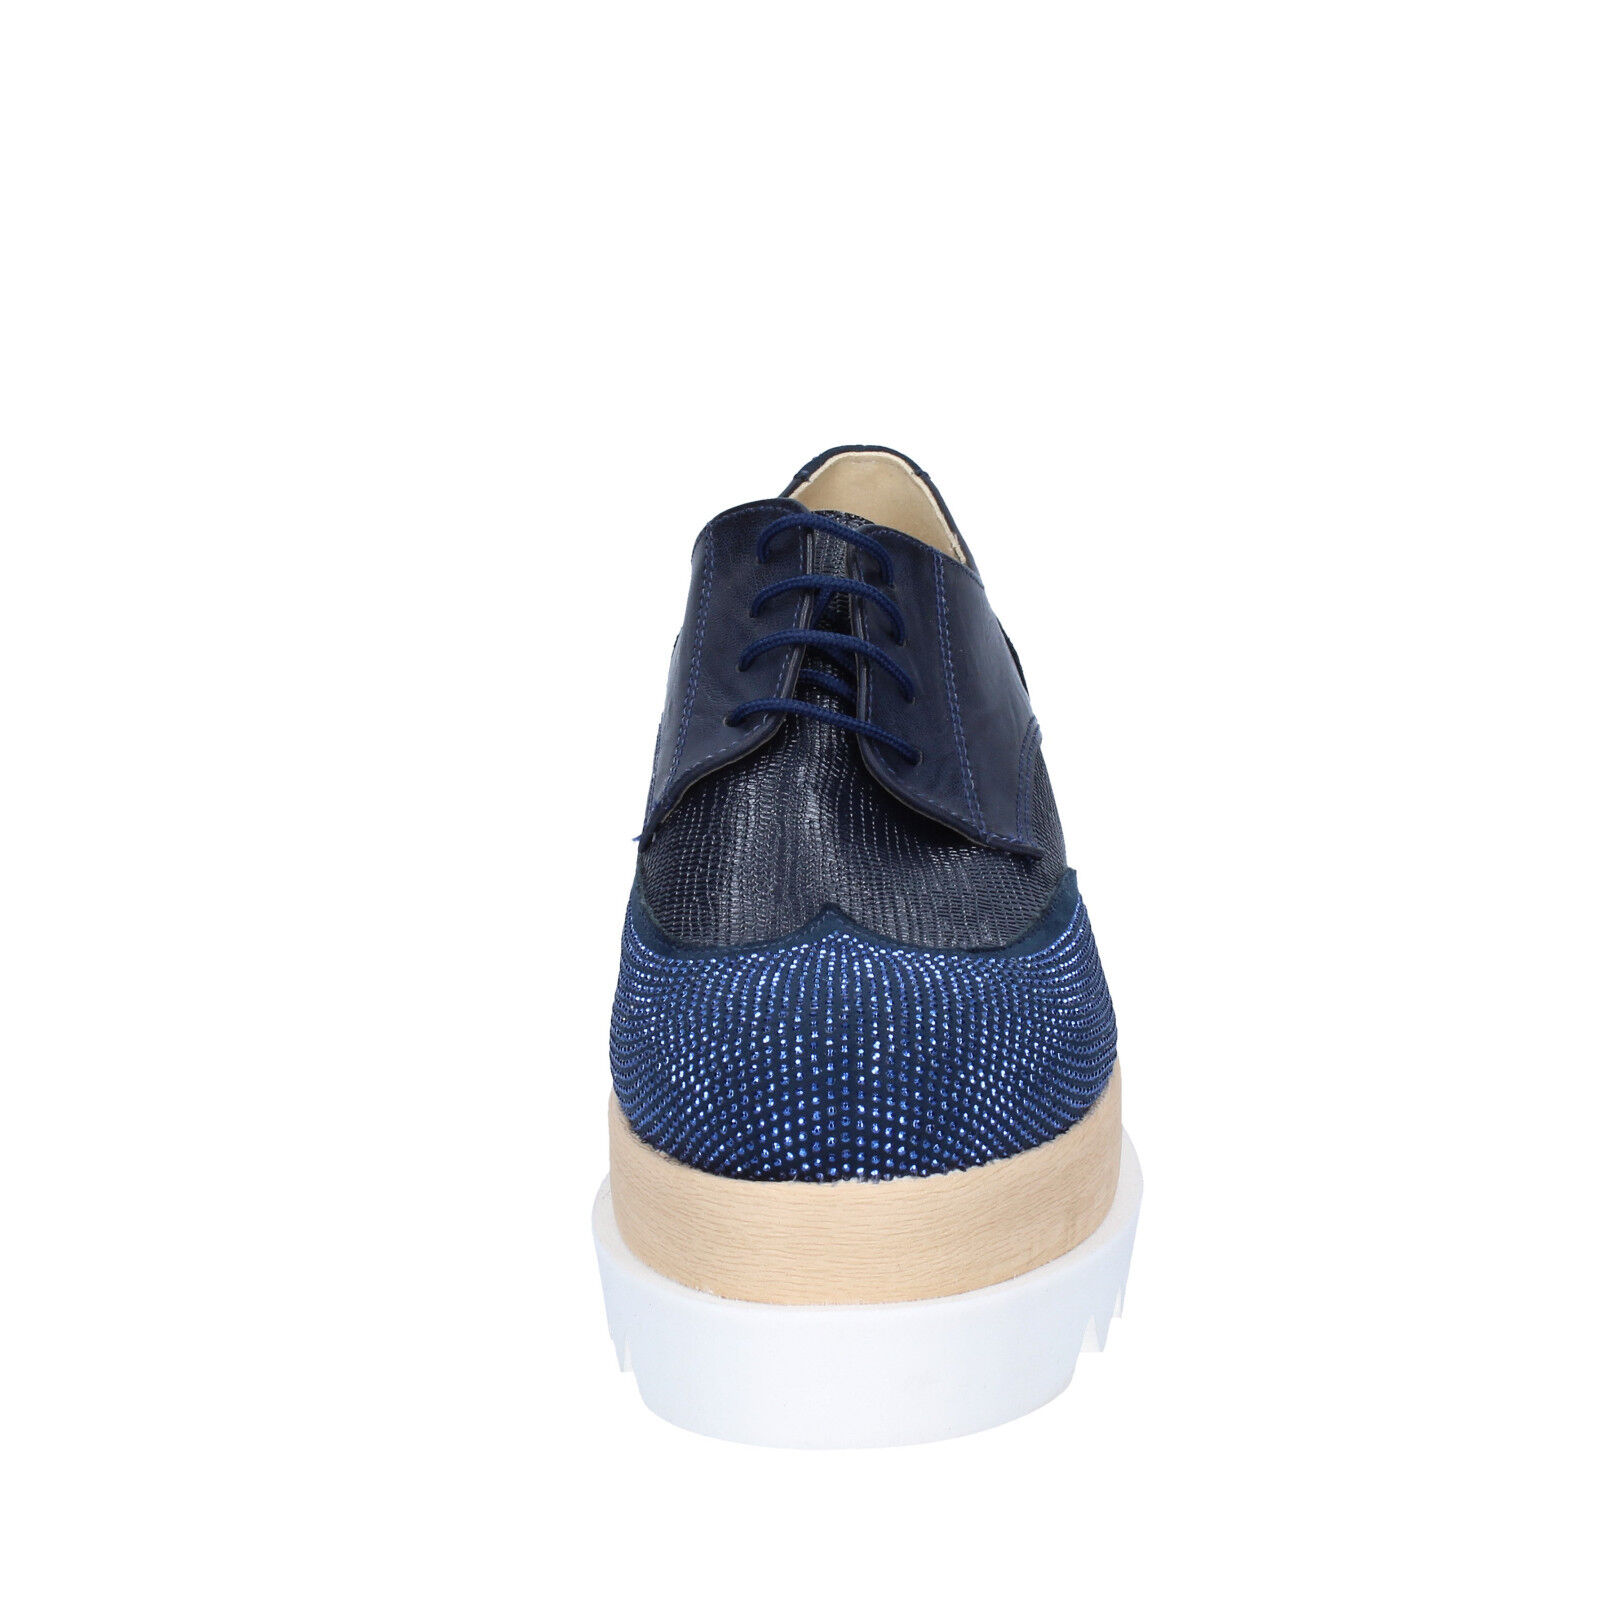 Damen schuhe OLGA RUBINI 38 EU BS96-38 elegante blau leder wildleder strass BS96-38 EU b03465